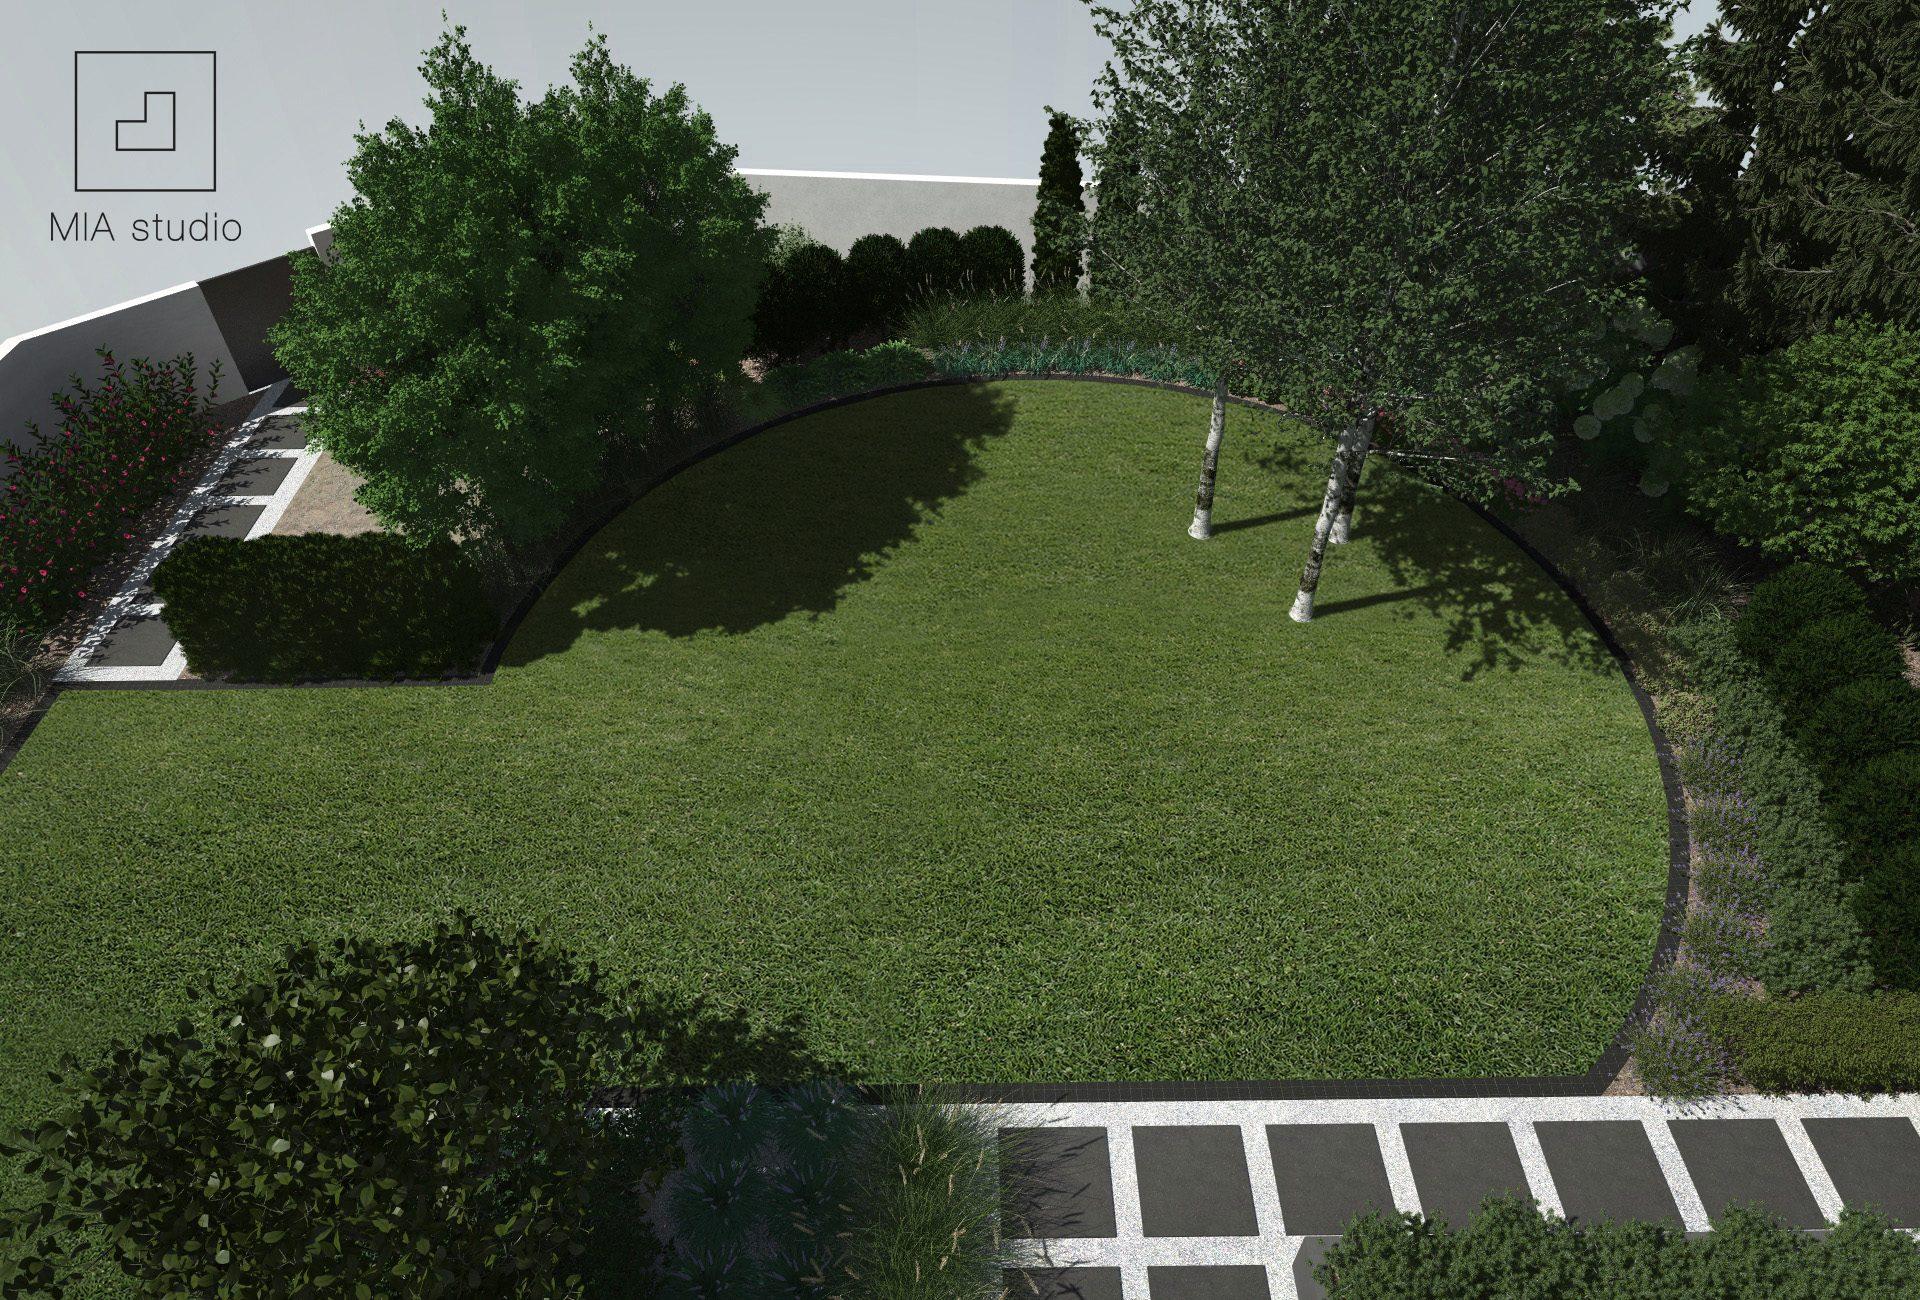 ogród z okrągłym trawnikiem